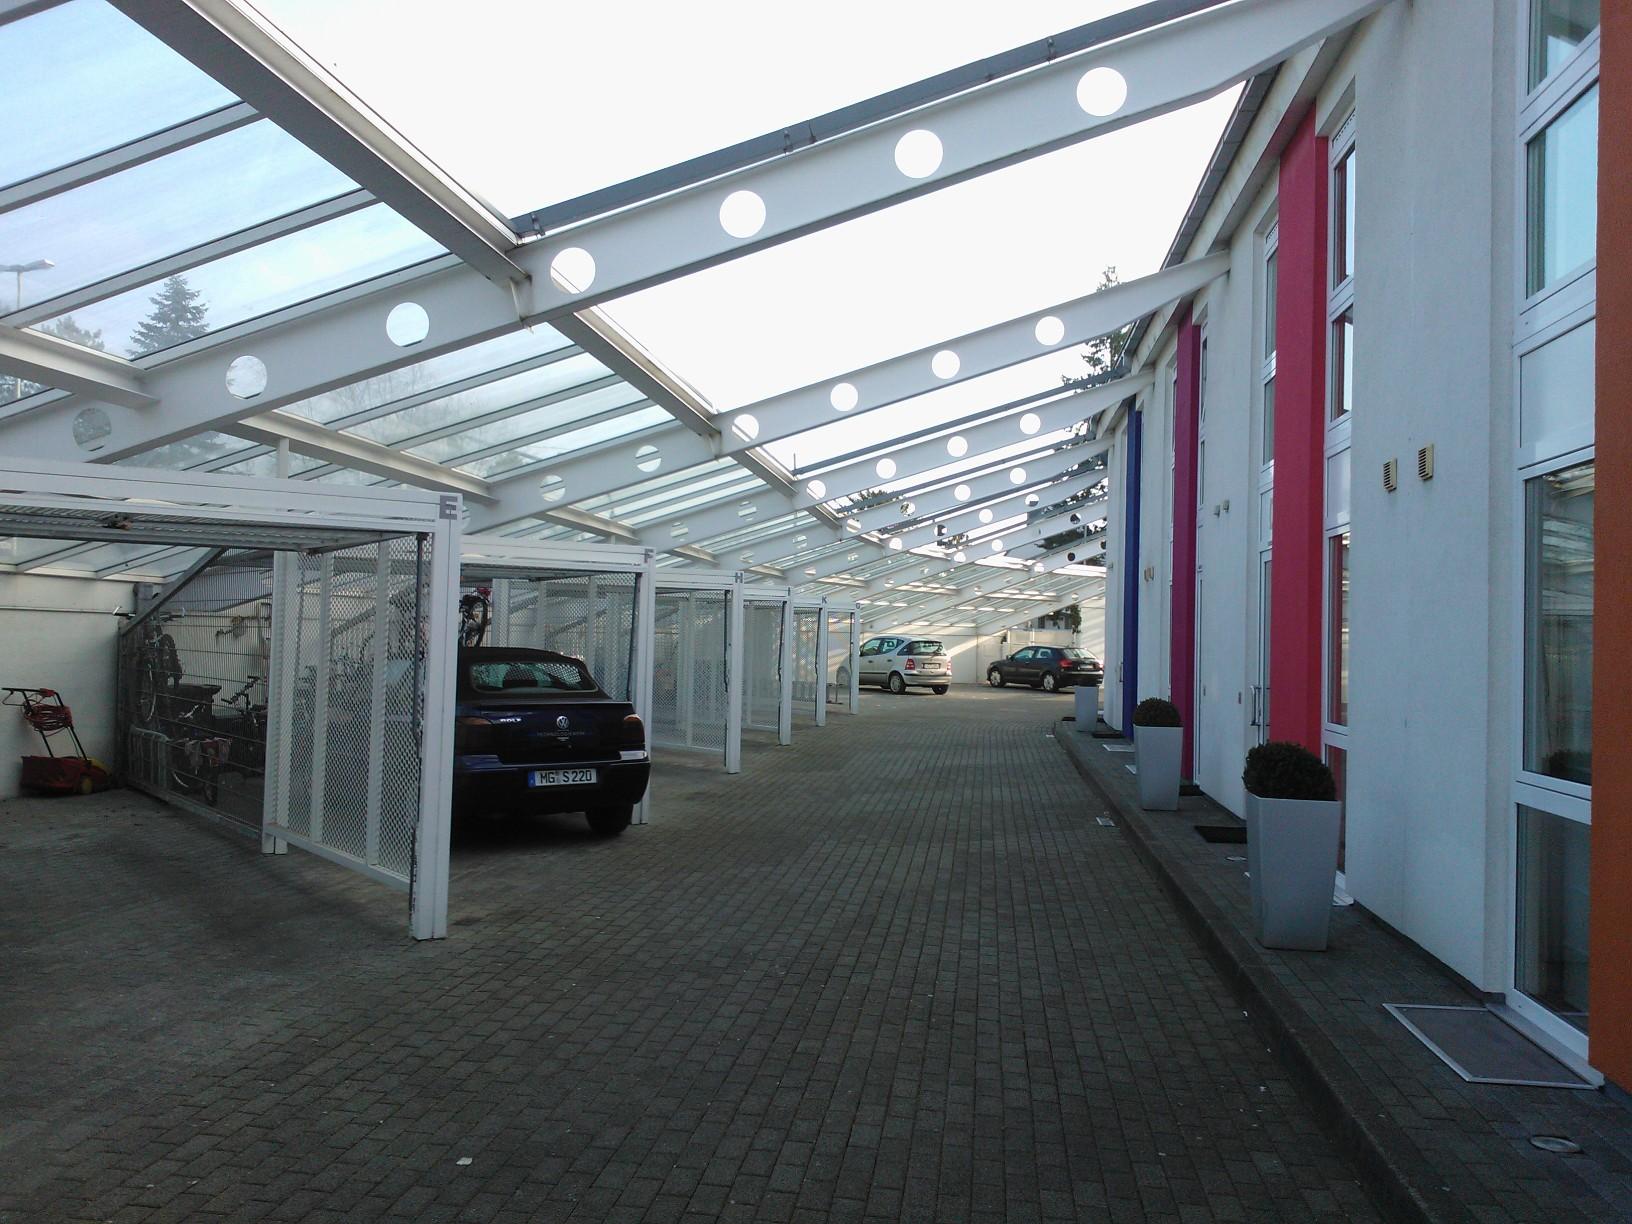 Покриване на паркинг в общ двор на редови къщи